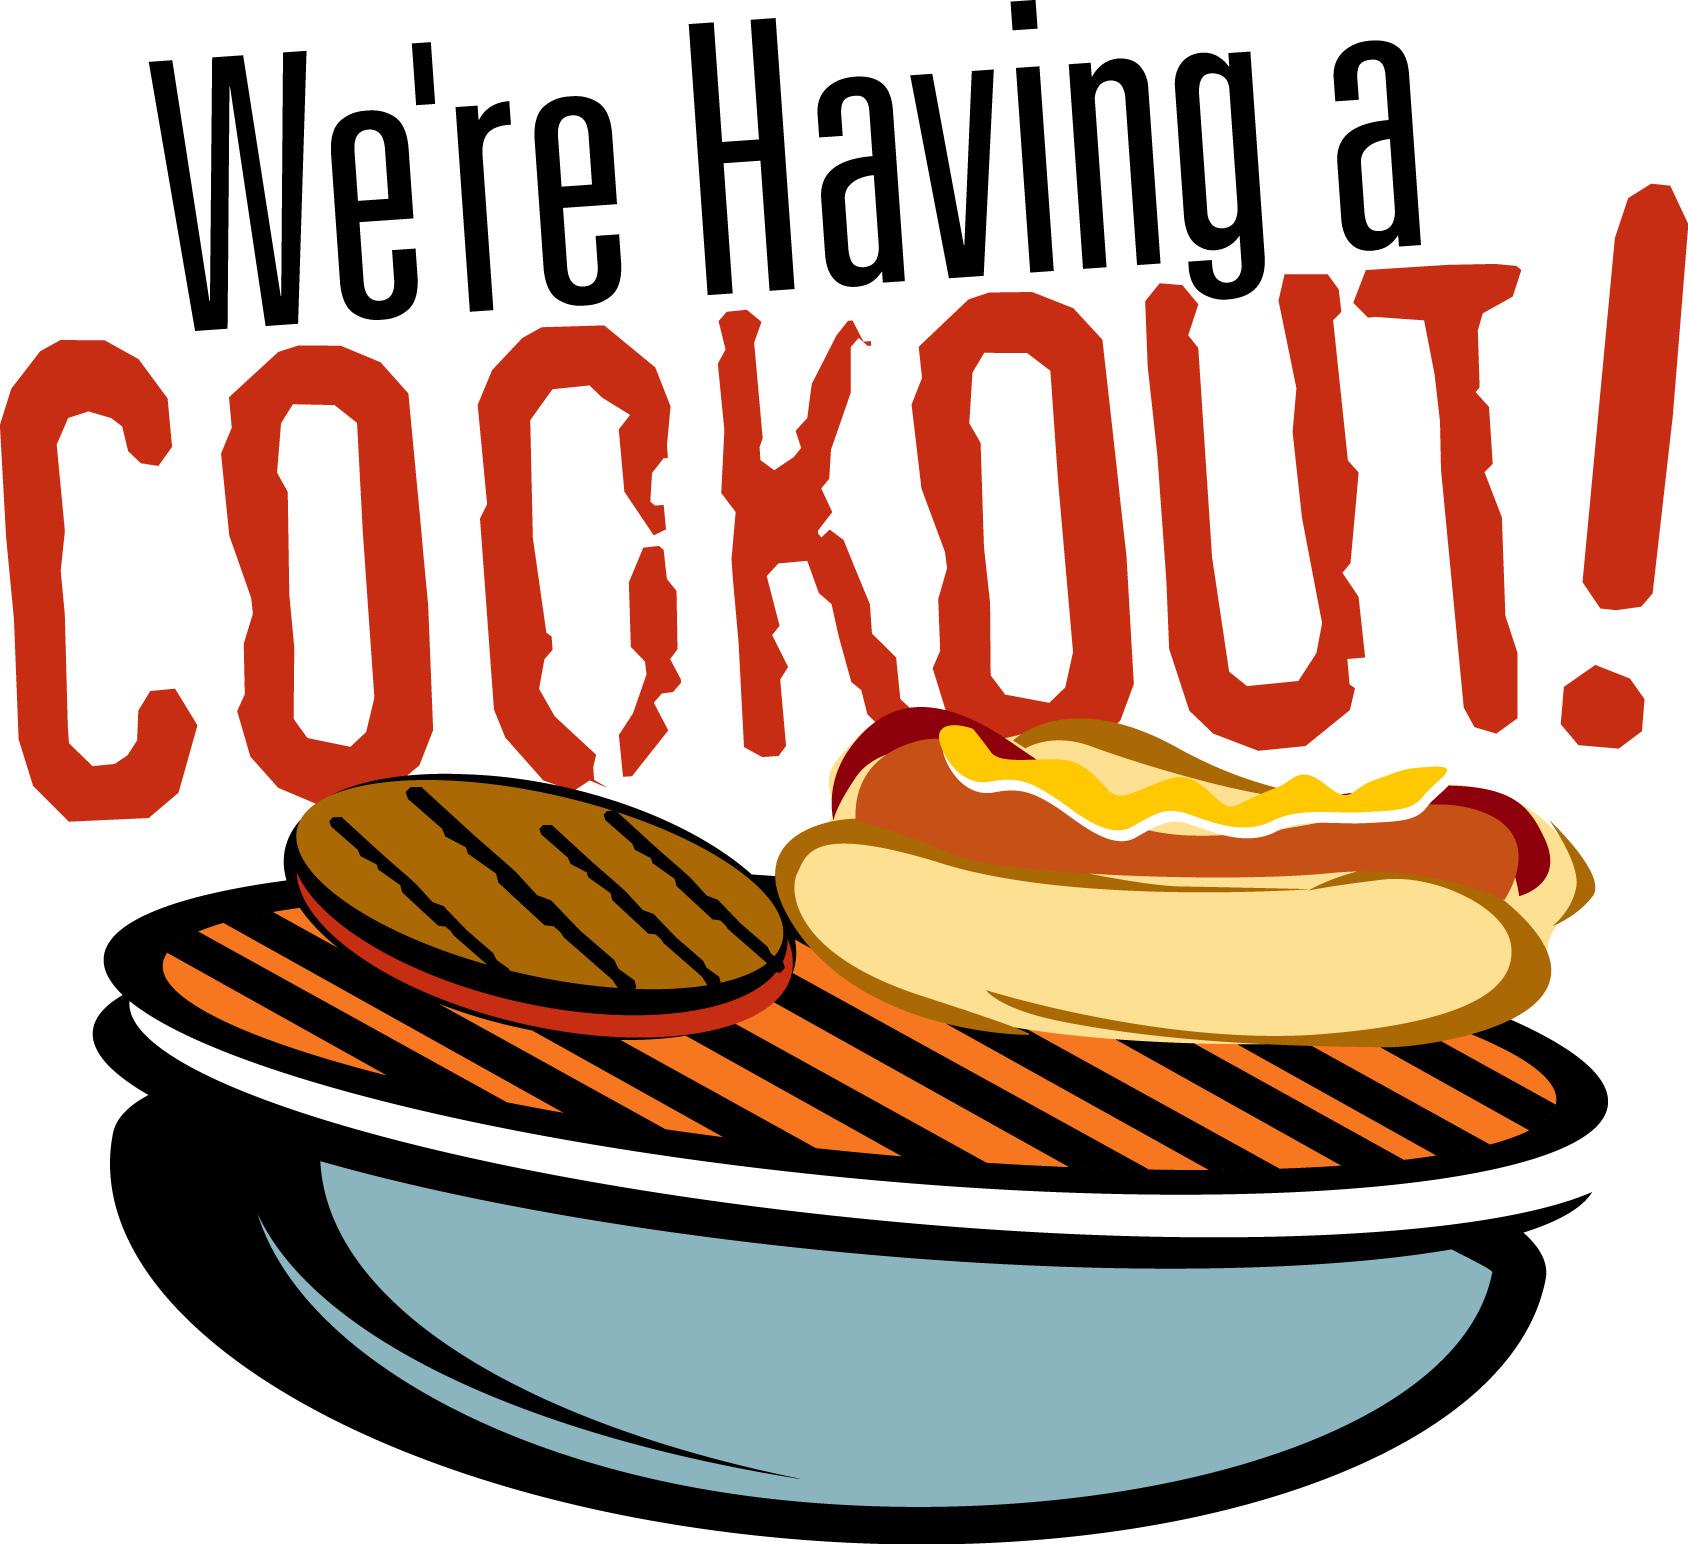 Summer Cookout Clipart.